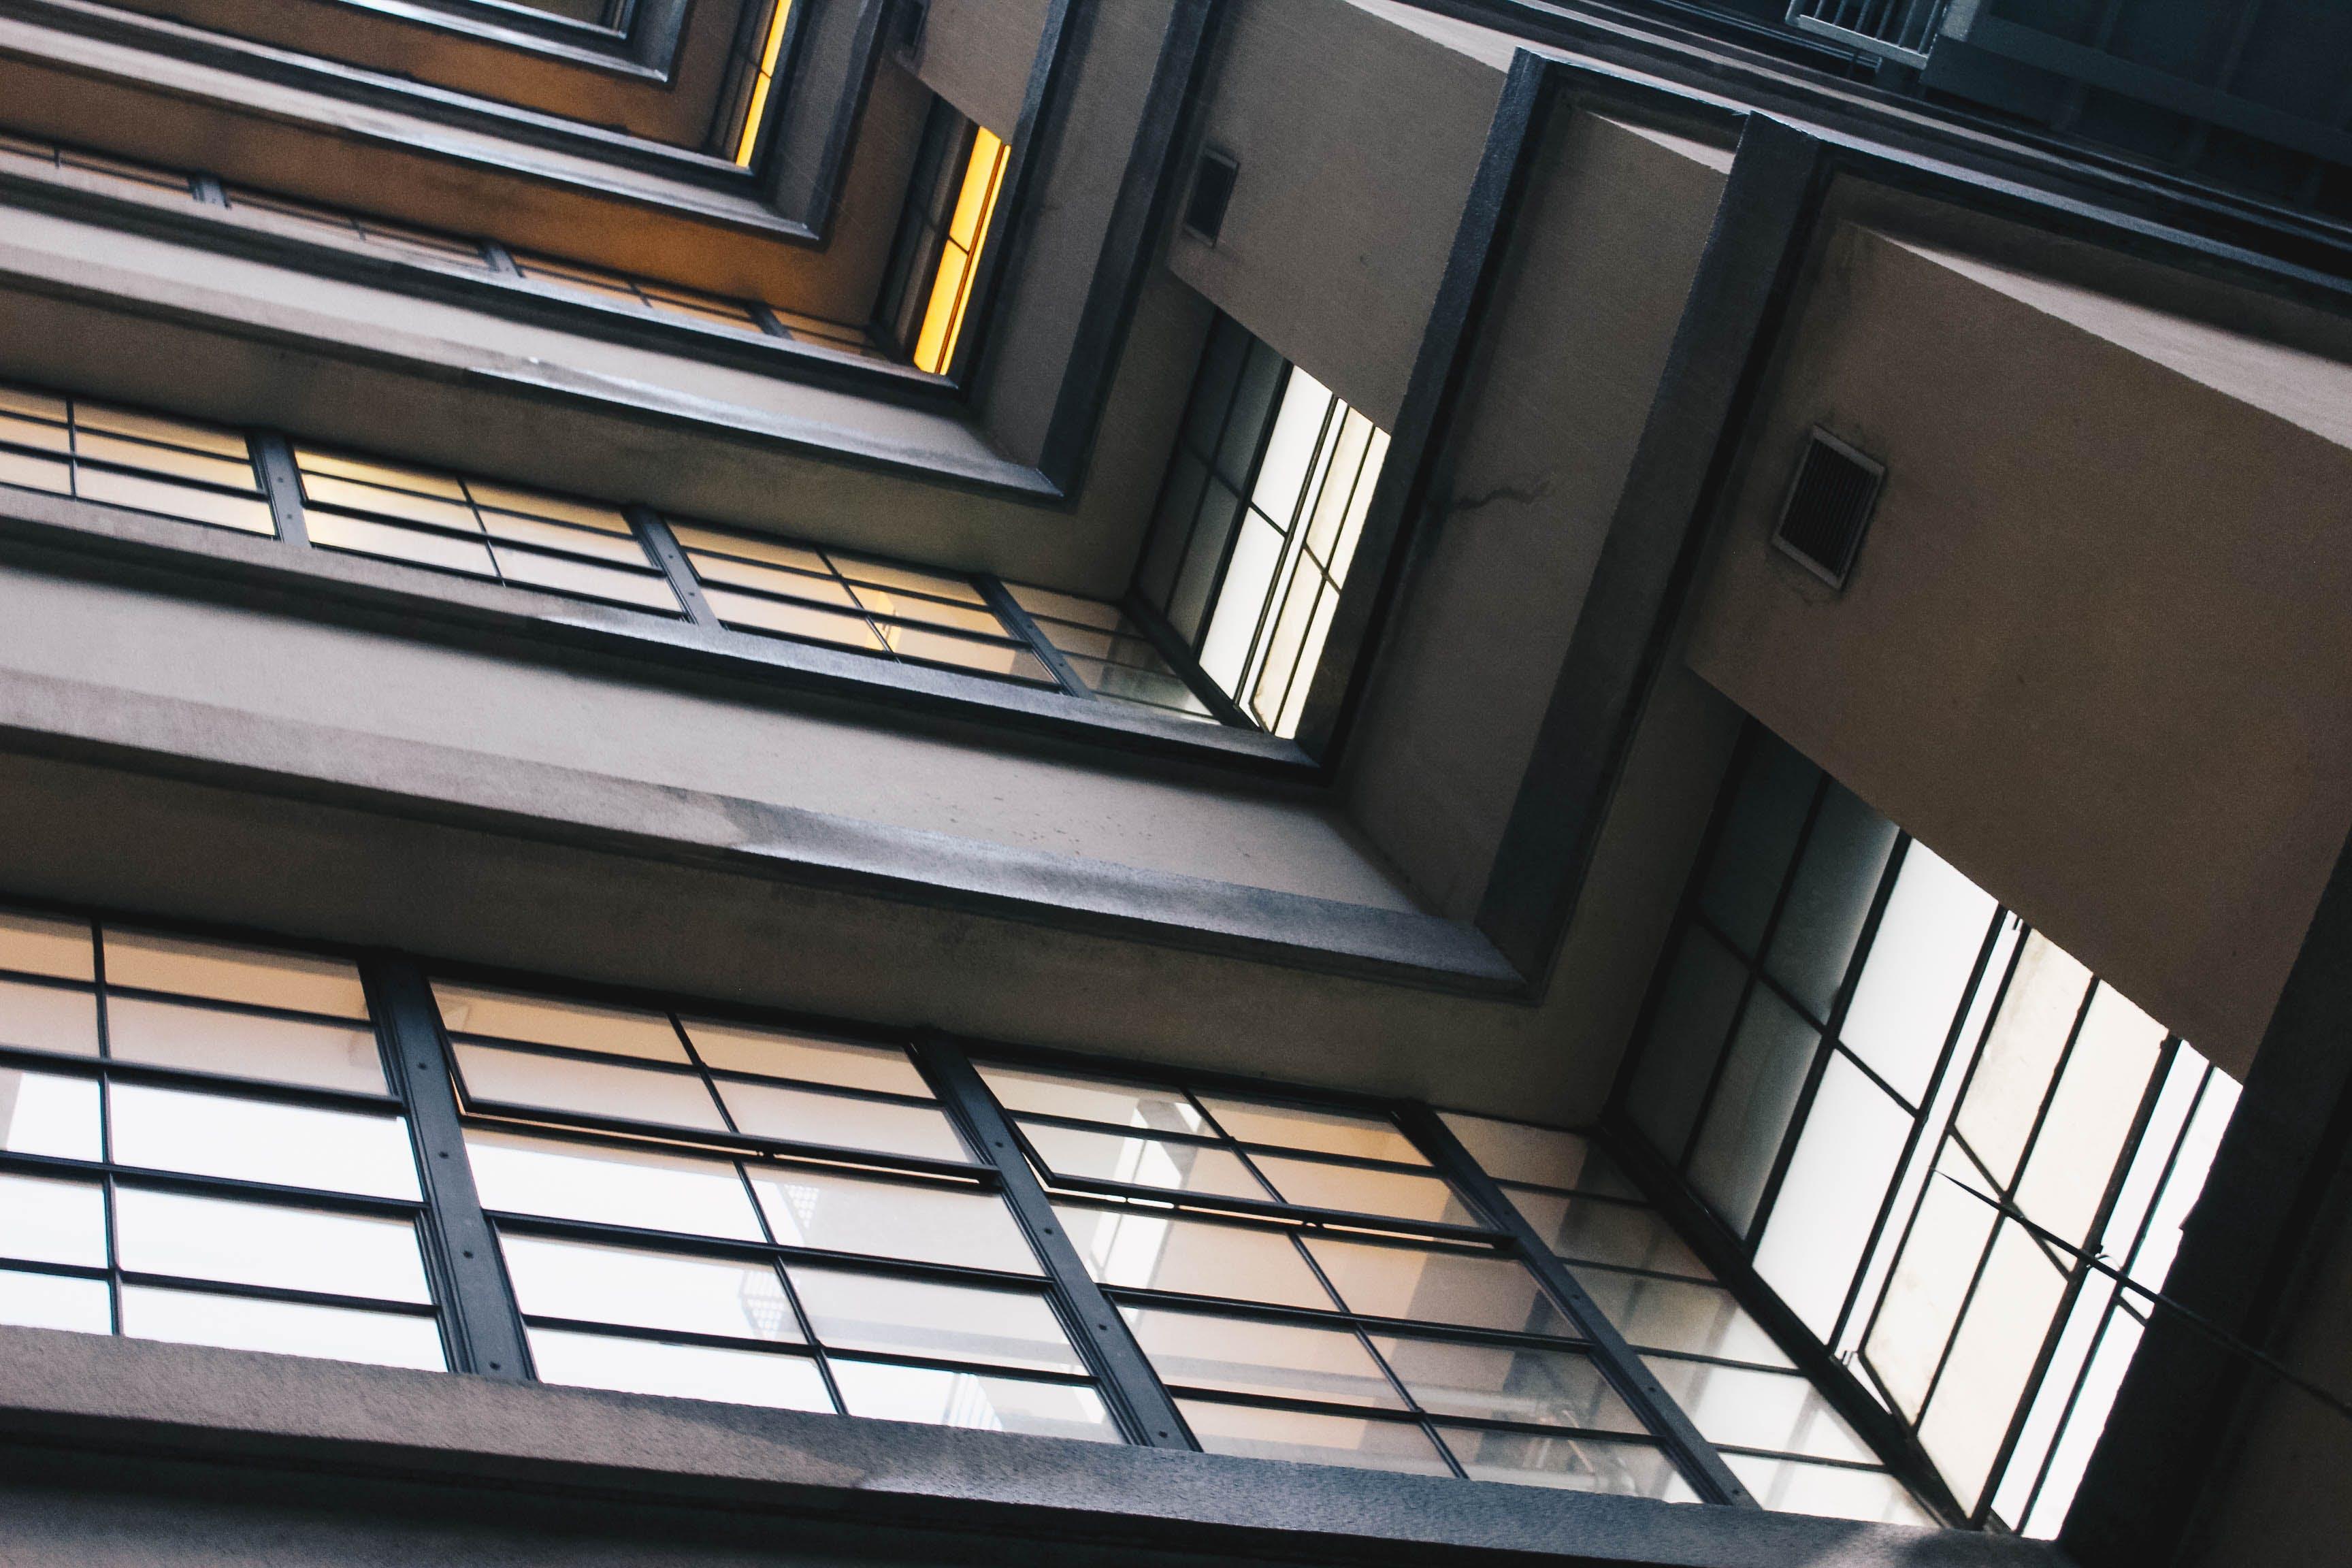 edifici, estampat, exterior d'un edifici